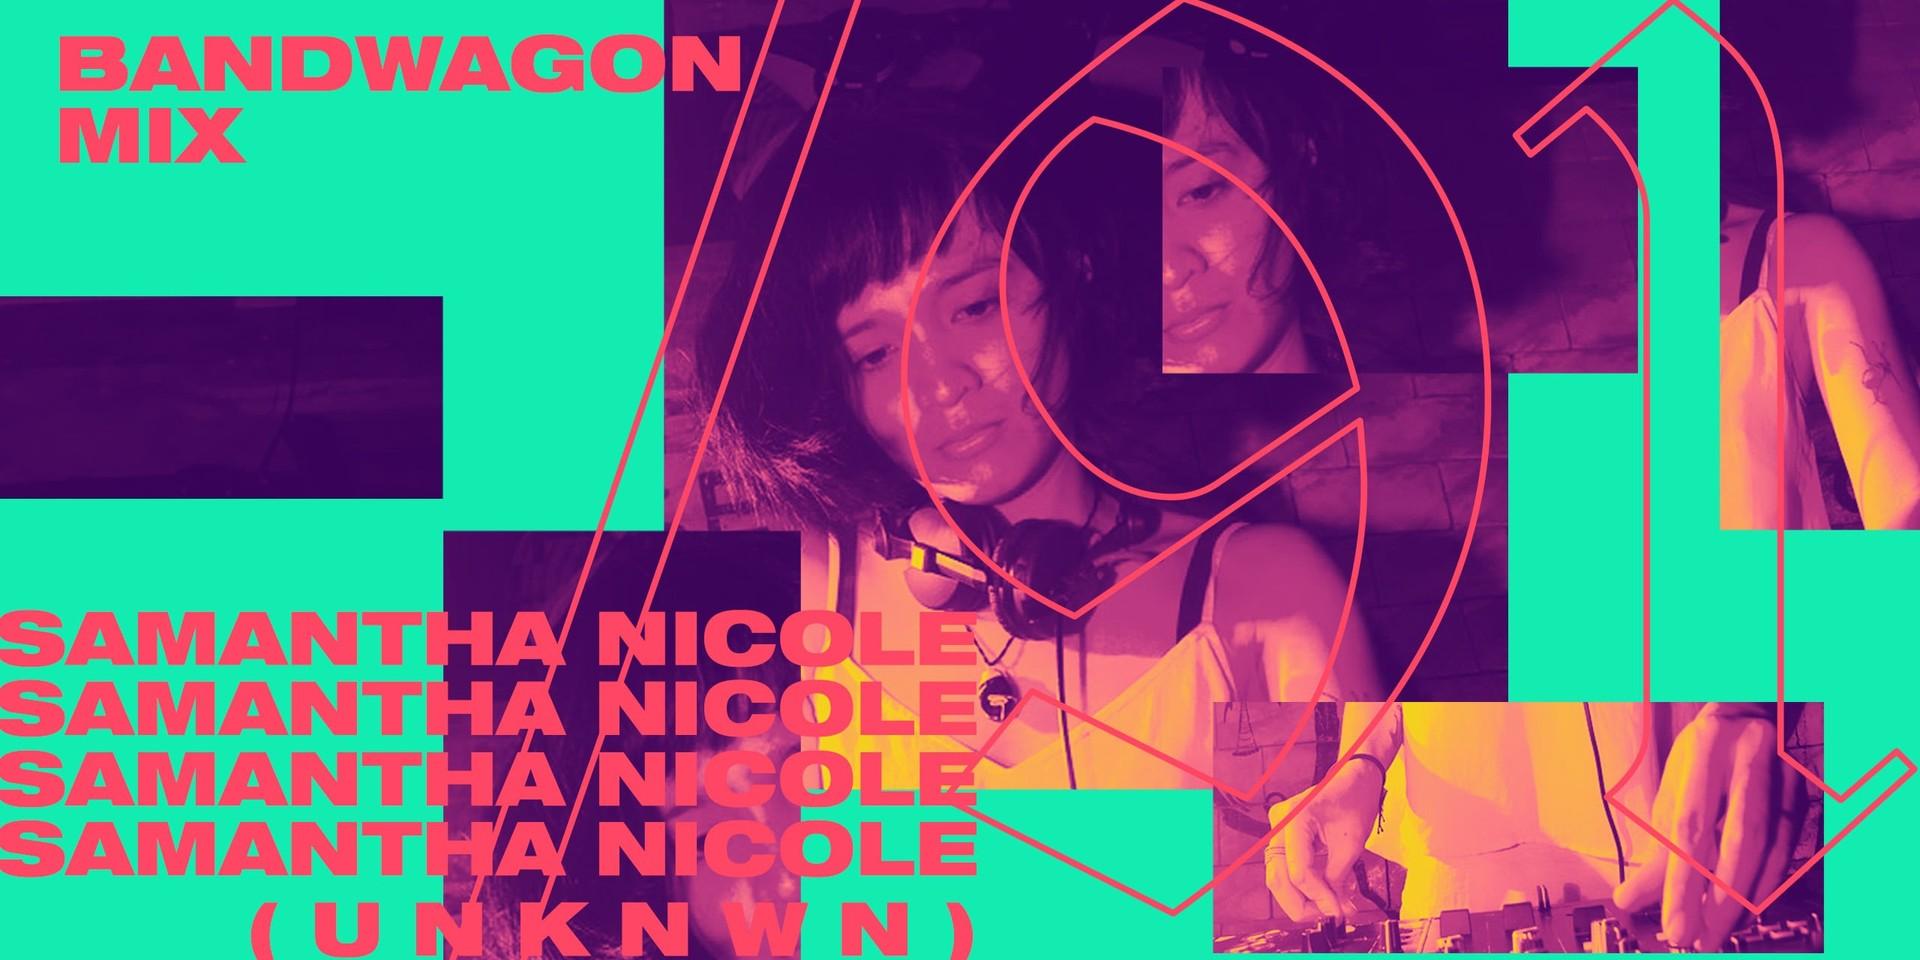 Bandwagon Mix #91: Samantha Nicole (UNKNWN)